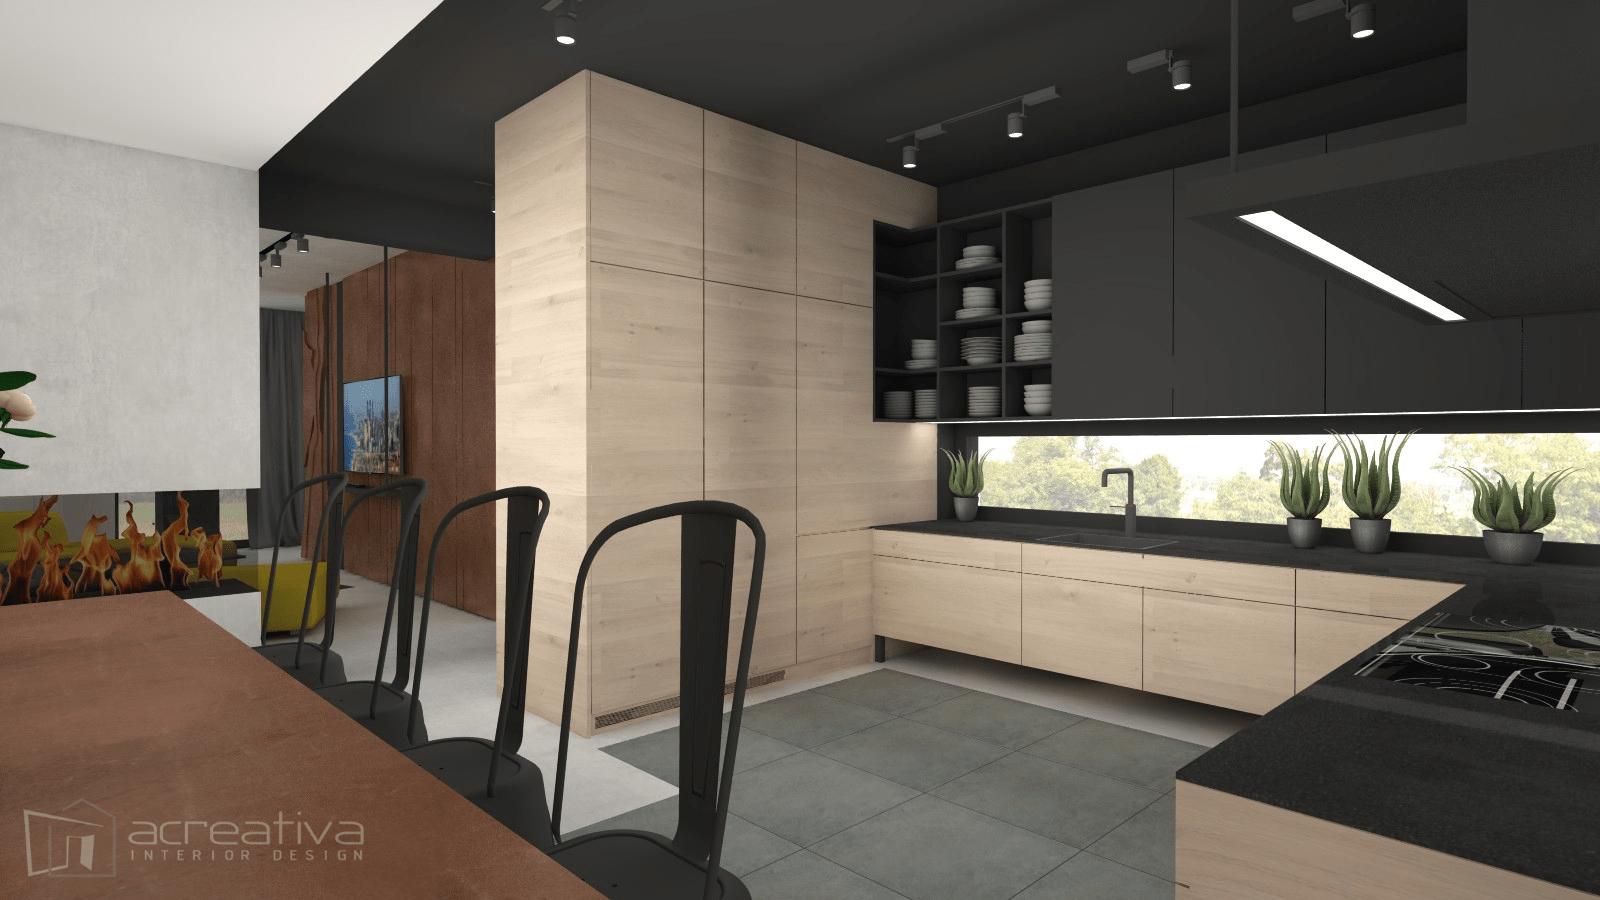 salon_nowoczesny_industrialny_projekt_wnetrz_architekt_online_acreativa.pl_torun_1